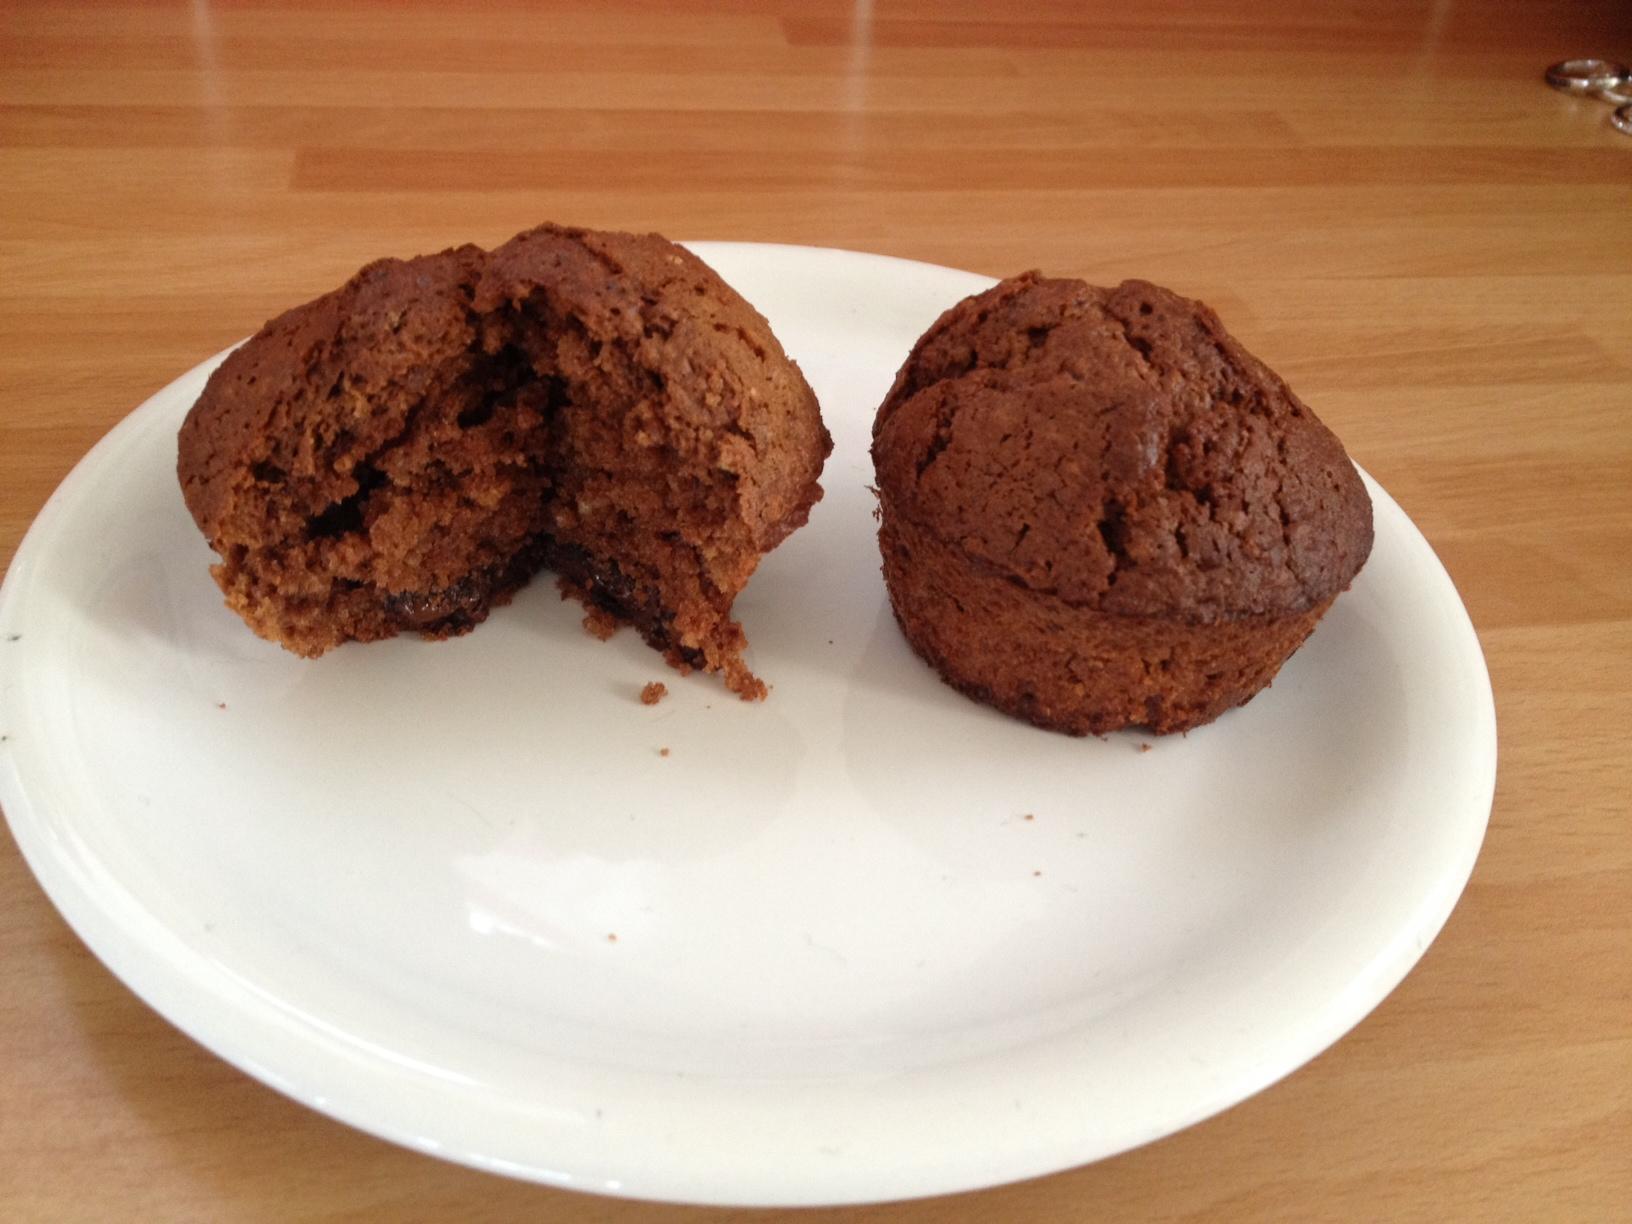 Muffins au chocolat coeur fondant et pépites de chocolat blanc